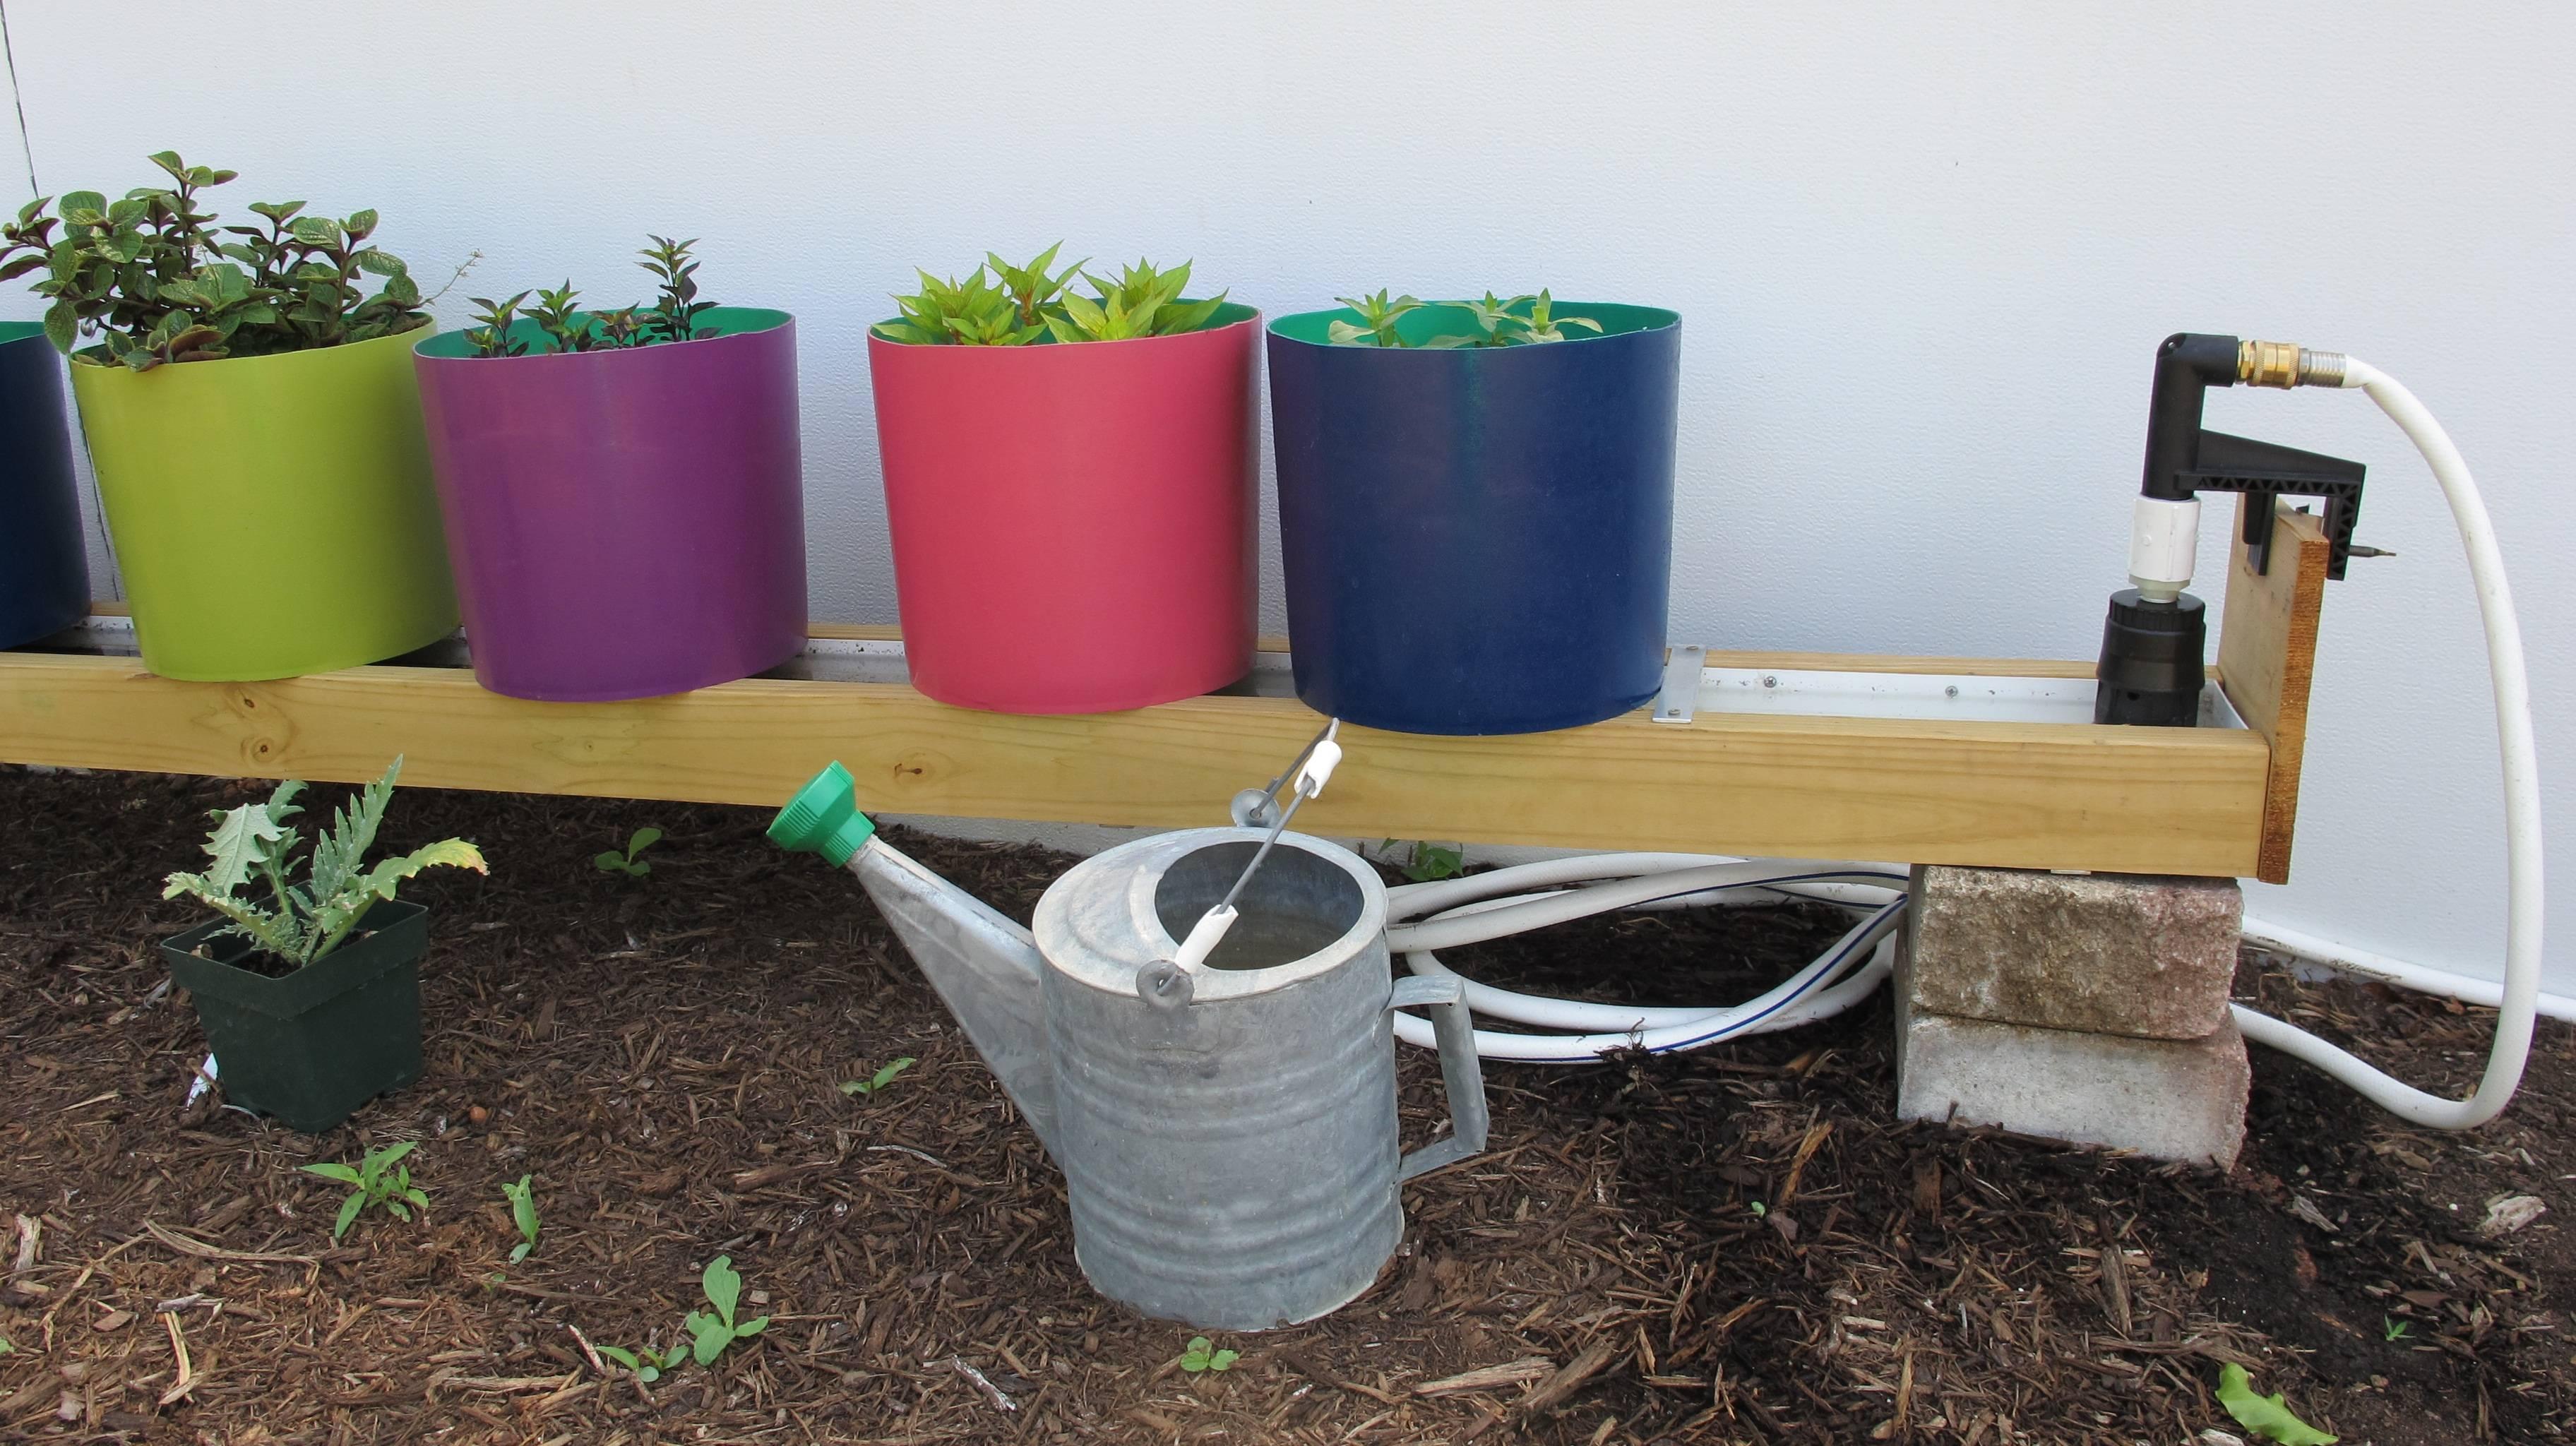 rain gutter or trough garden